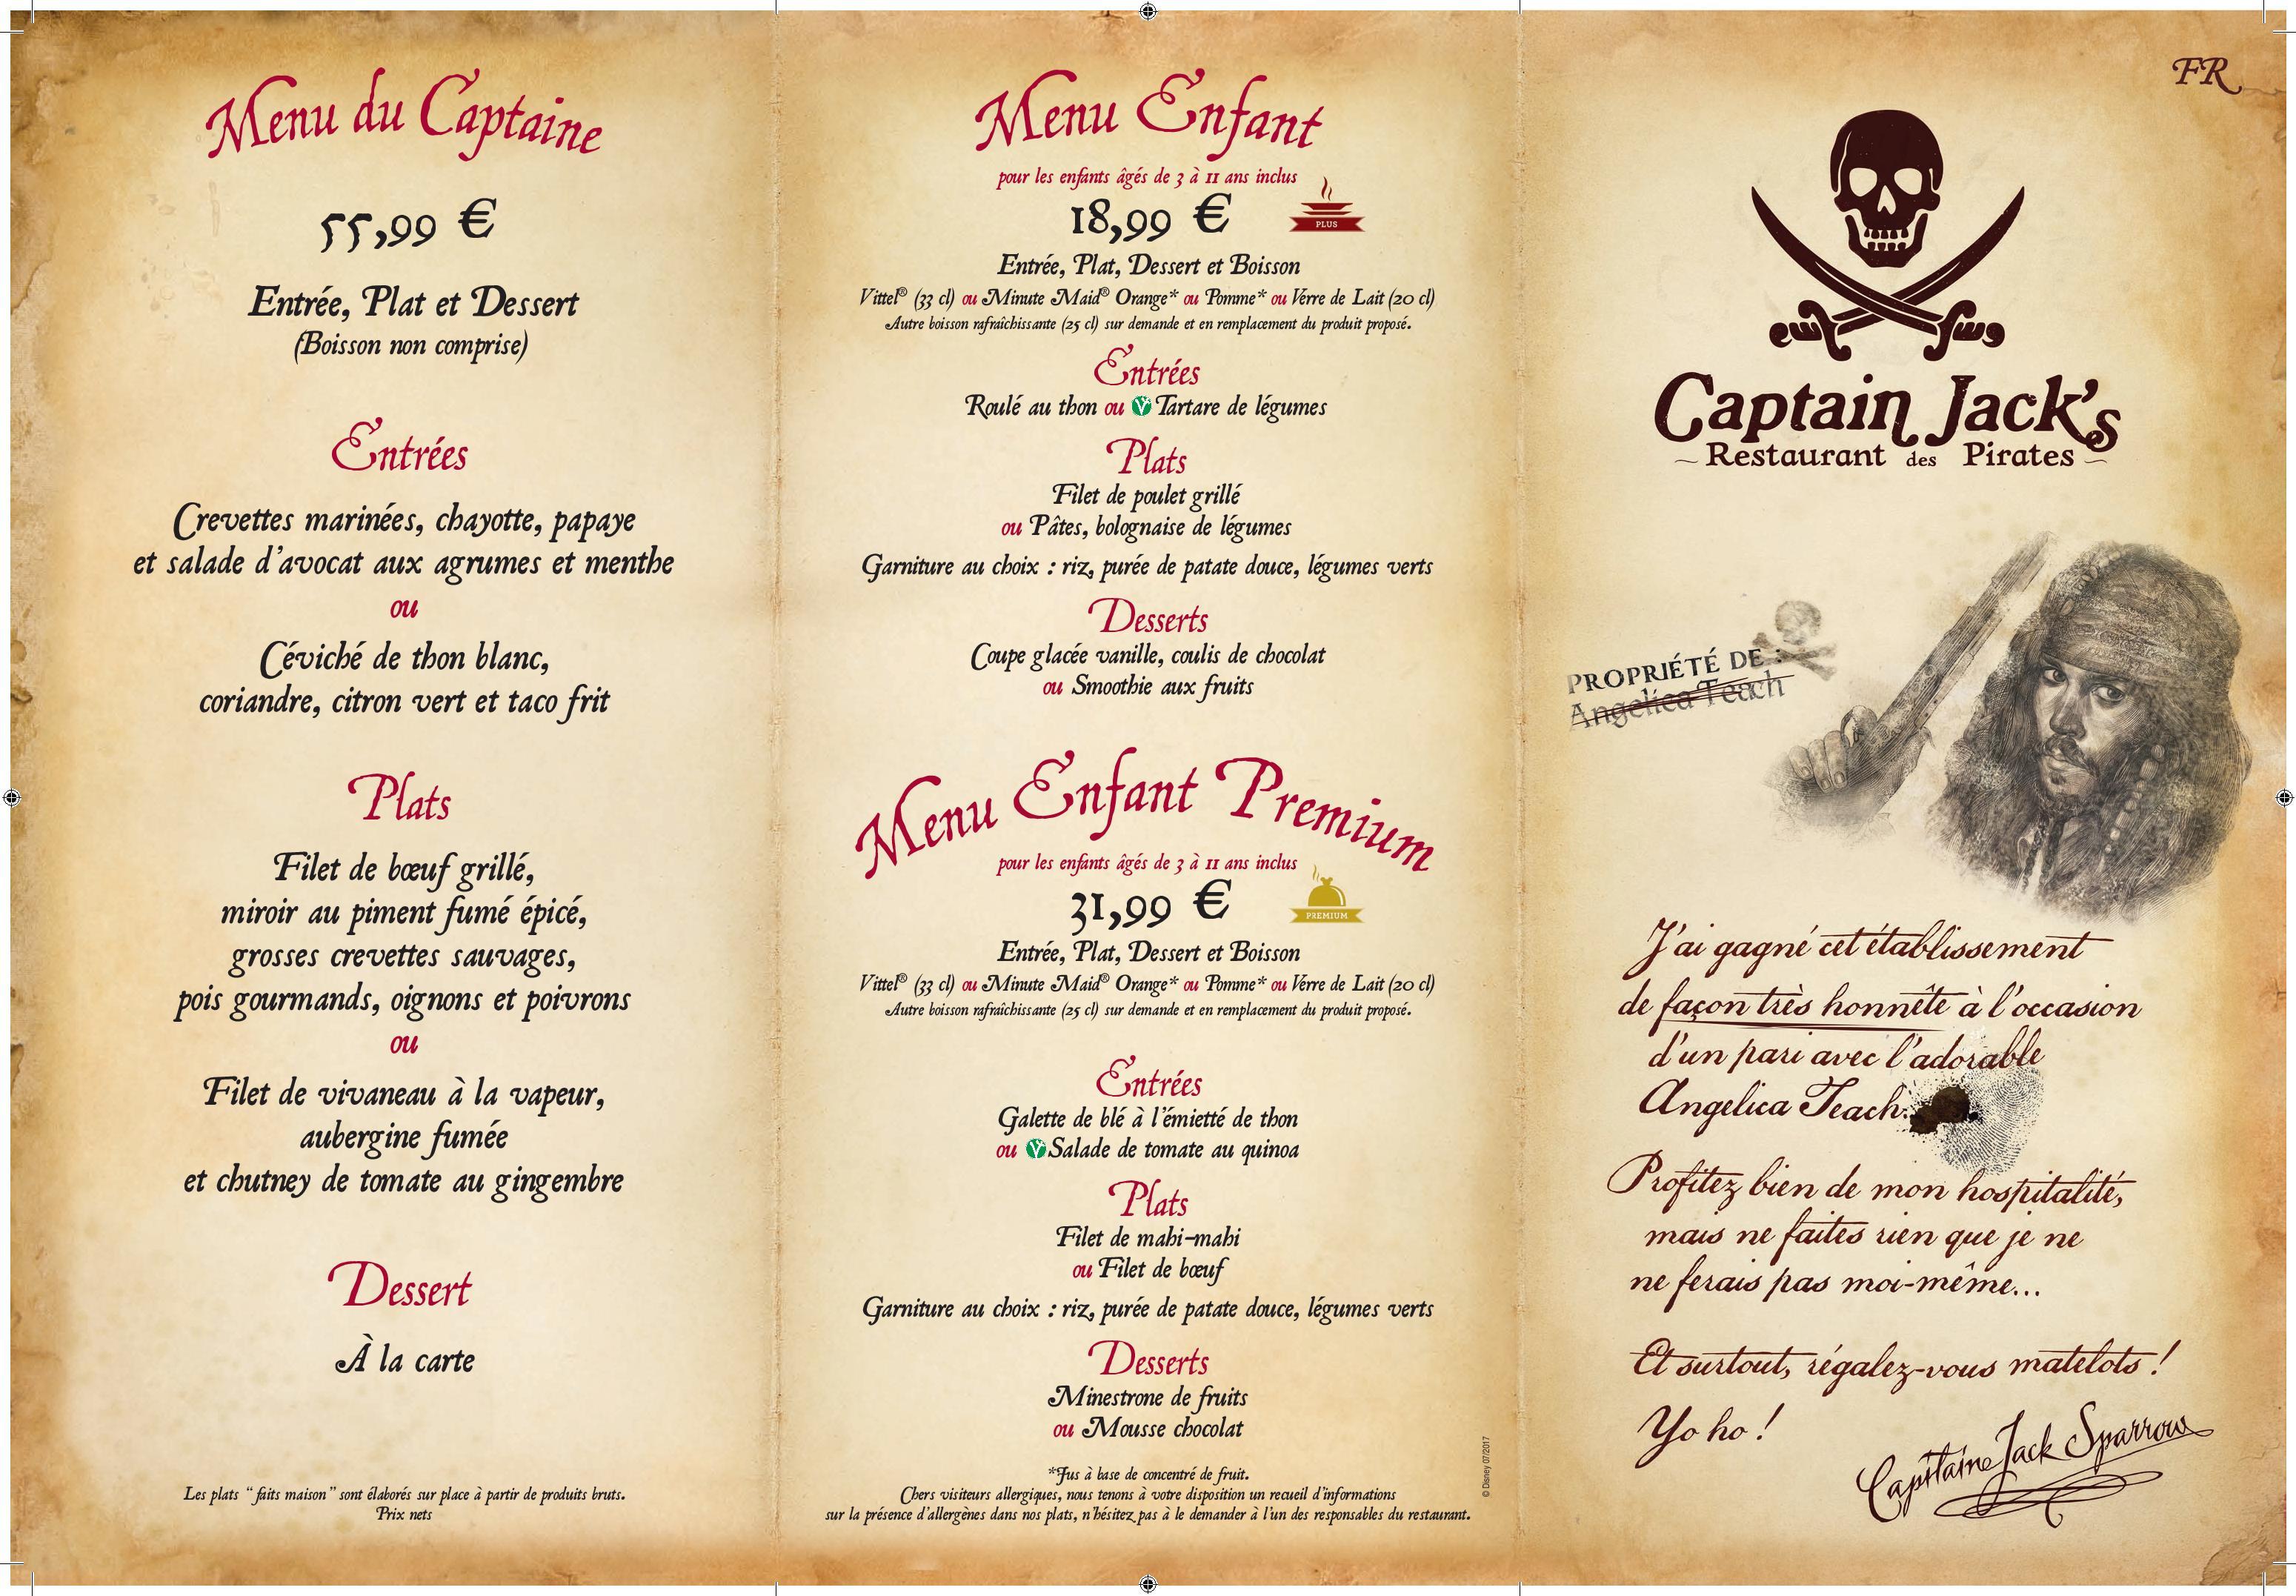 J Sparrow Restaurant Menu